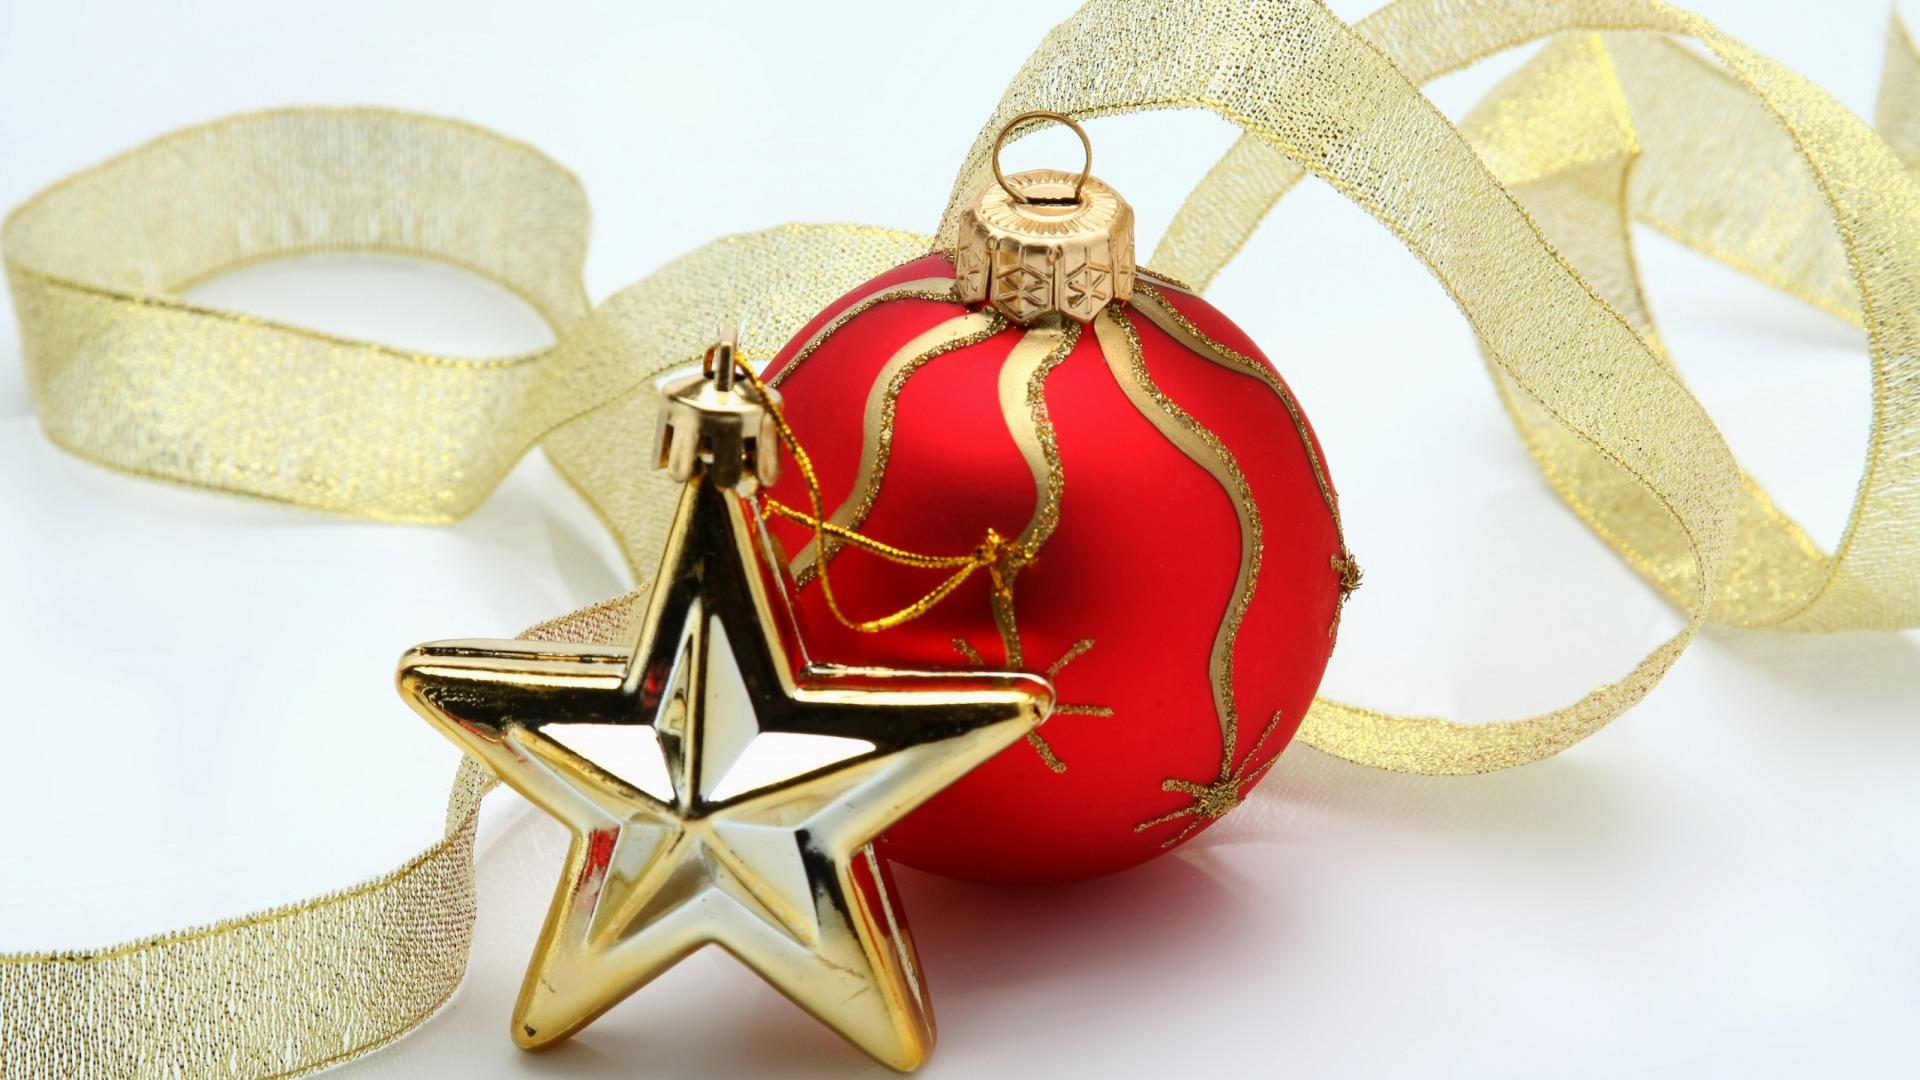 Bộ Sưu Tập Ảnh Giáng Sinh - Page 3 Christmasdecoration15